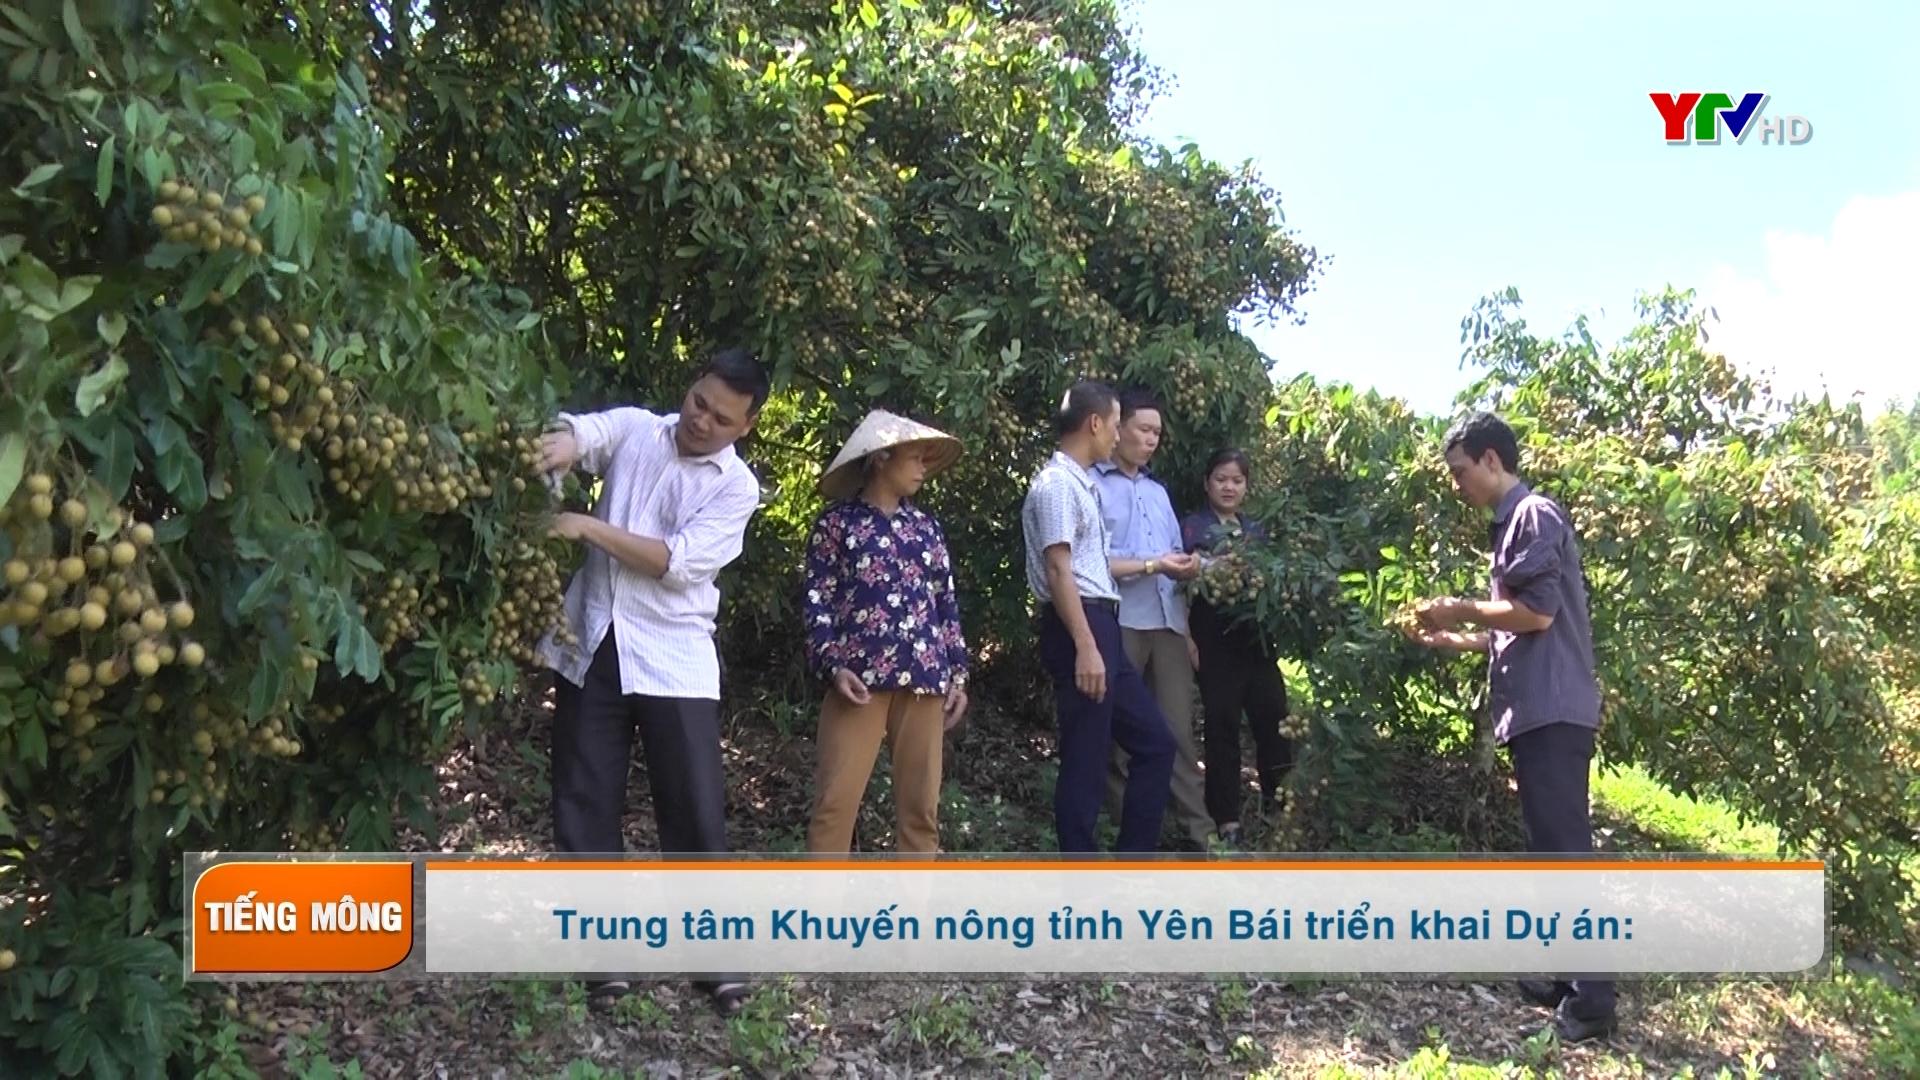 Tạp chí truyền hình tiếng Mông số 3 tháng 8 năm 2020